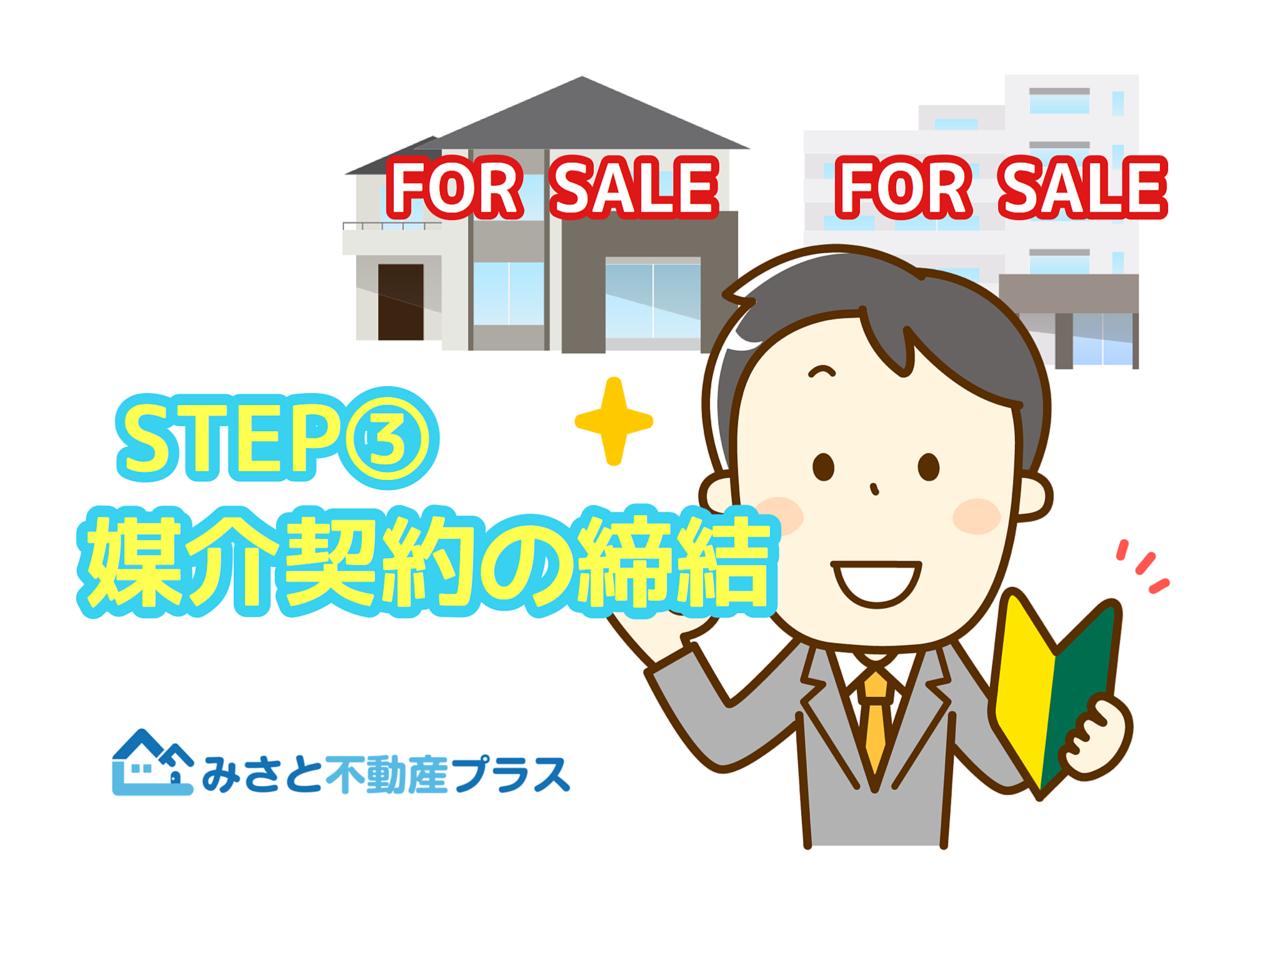 STEP③媒介契約の締結